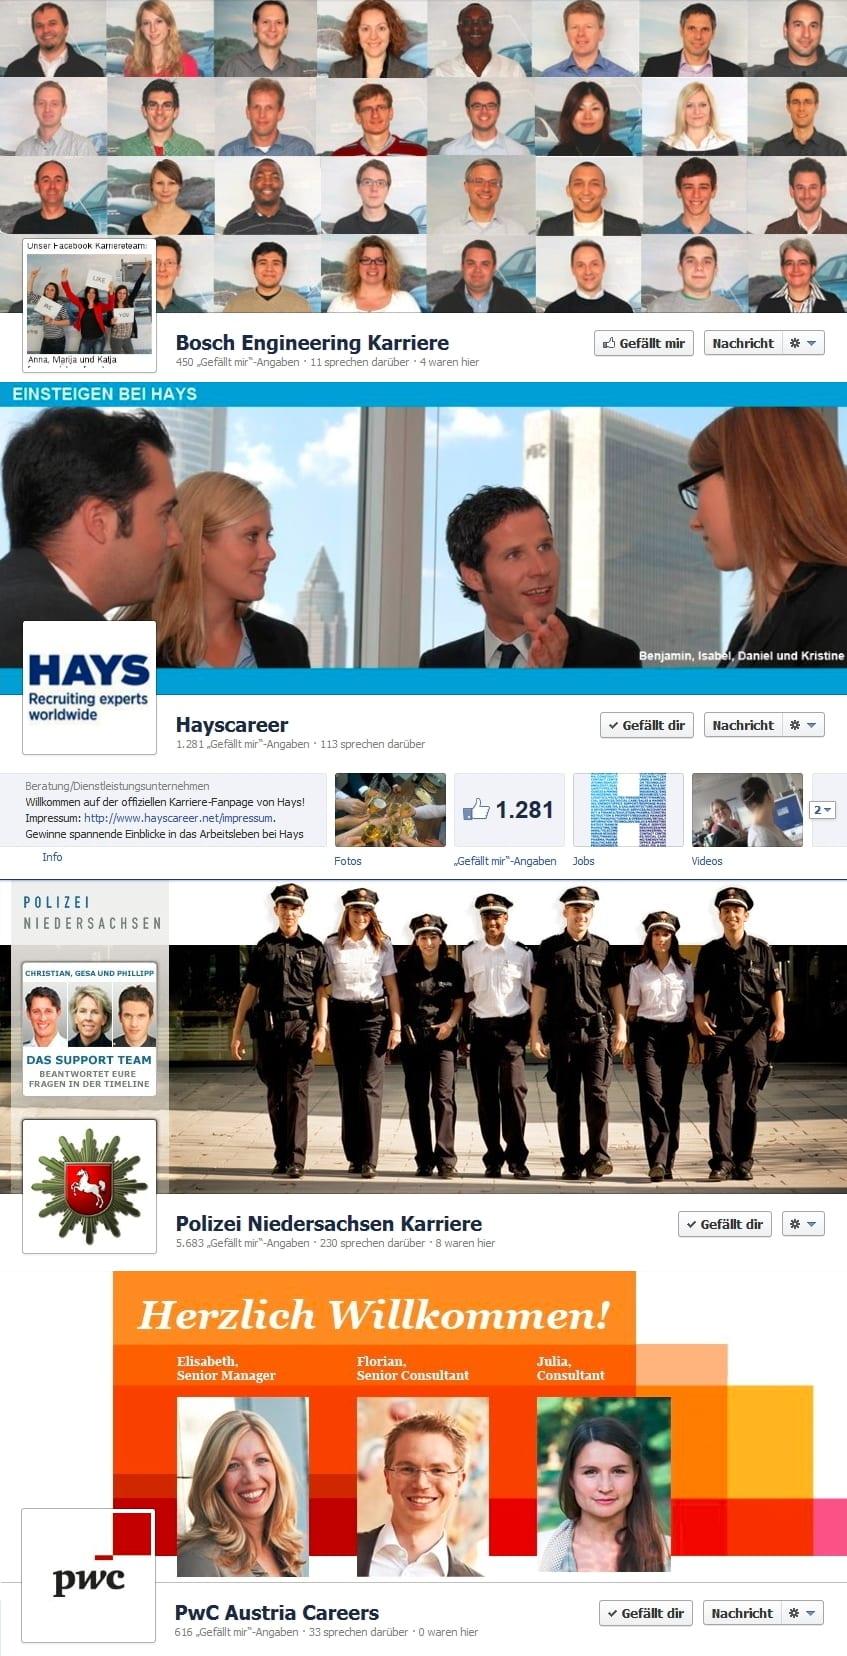 Beispiele wie Coverfoto oder Profilbild zur Teamvorstellung genutzt werden können: Bosch Engineering - Hays - Polizei Niedersachsen - PWC Austria